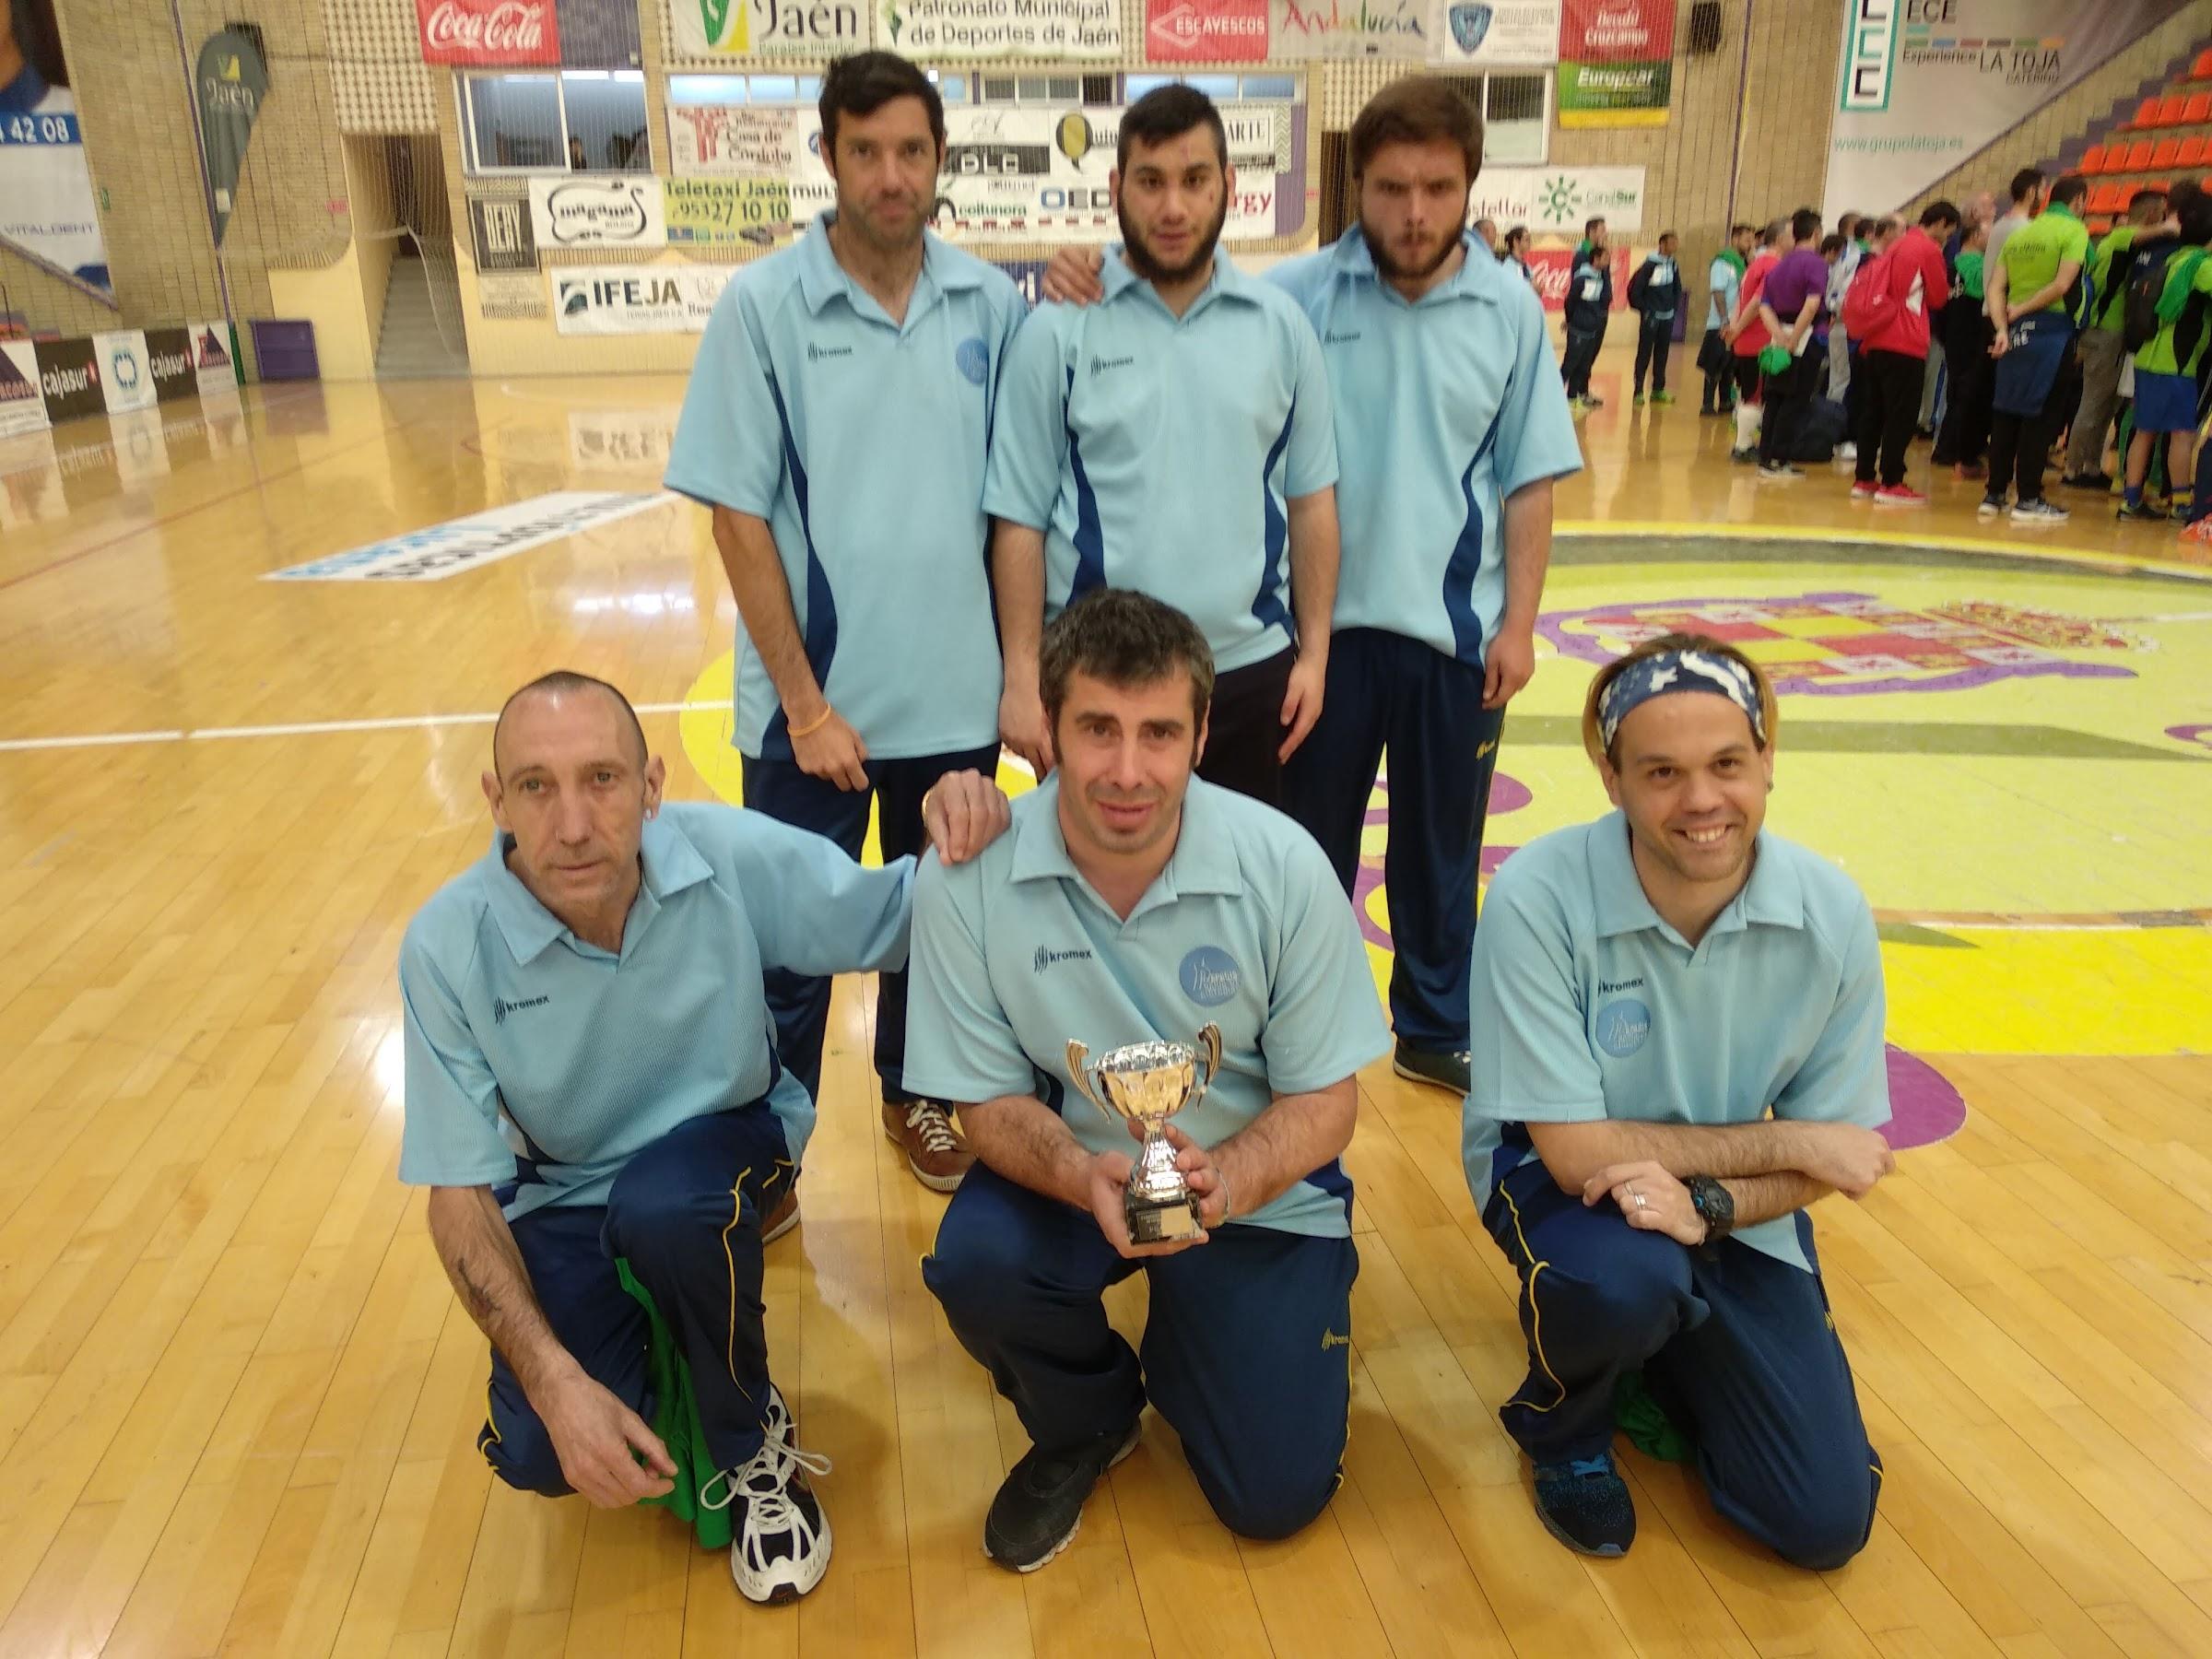 Apadis Algeciras hizo podium en el  Campeonato Andaluz de Fútbol Sala